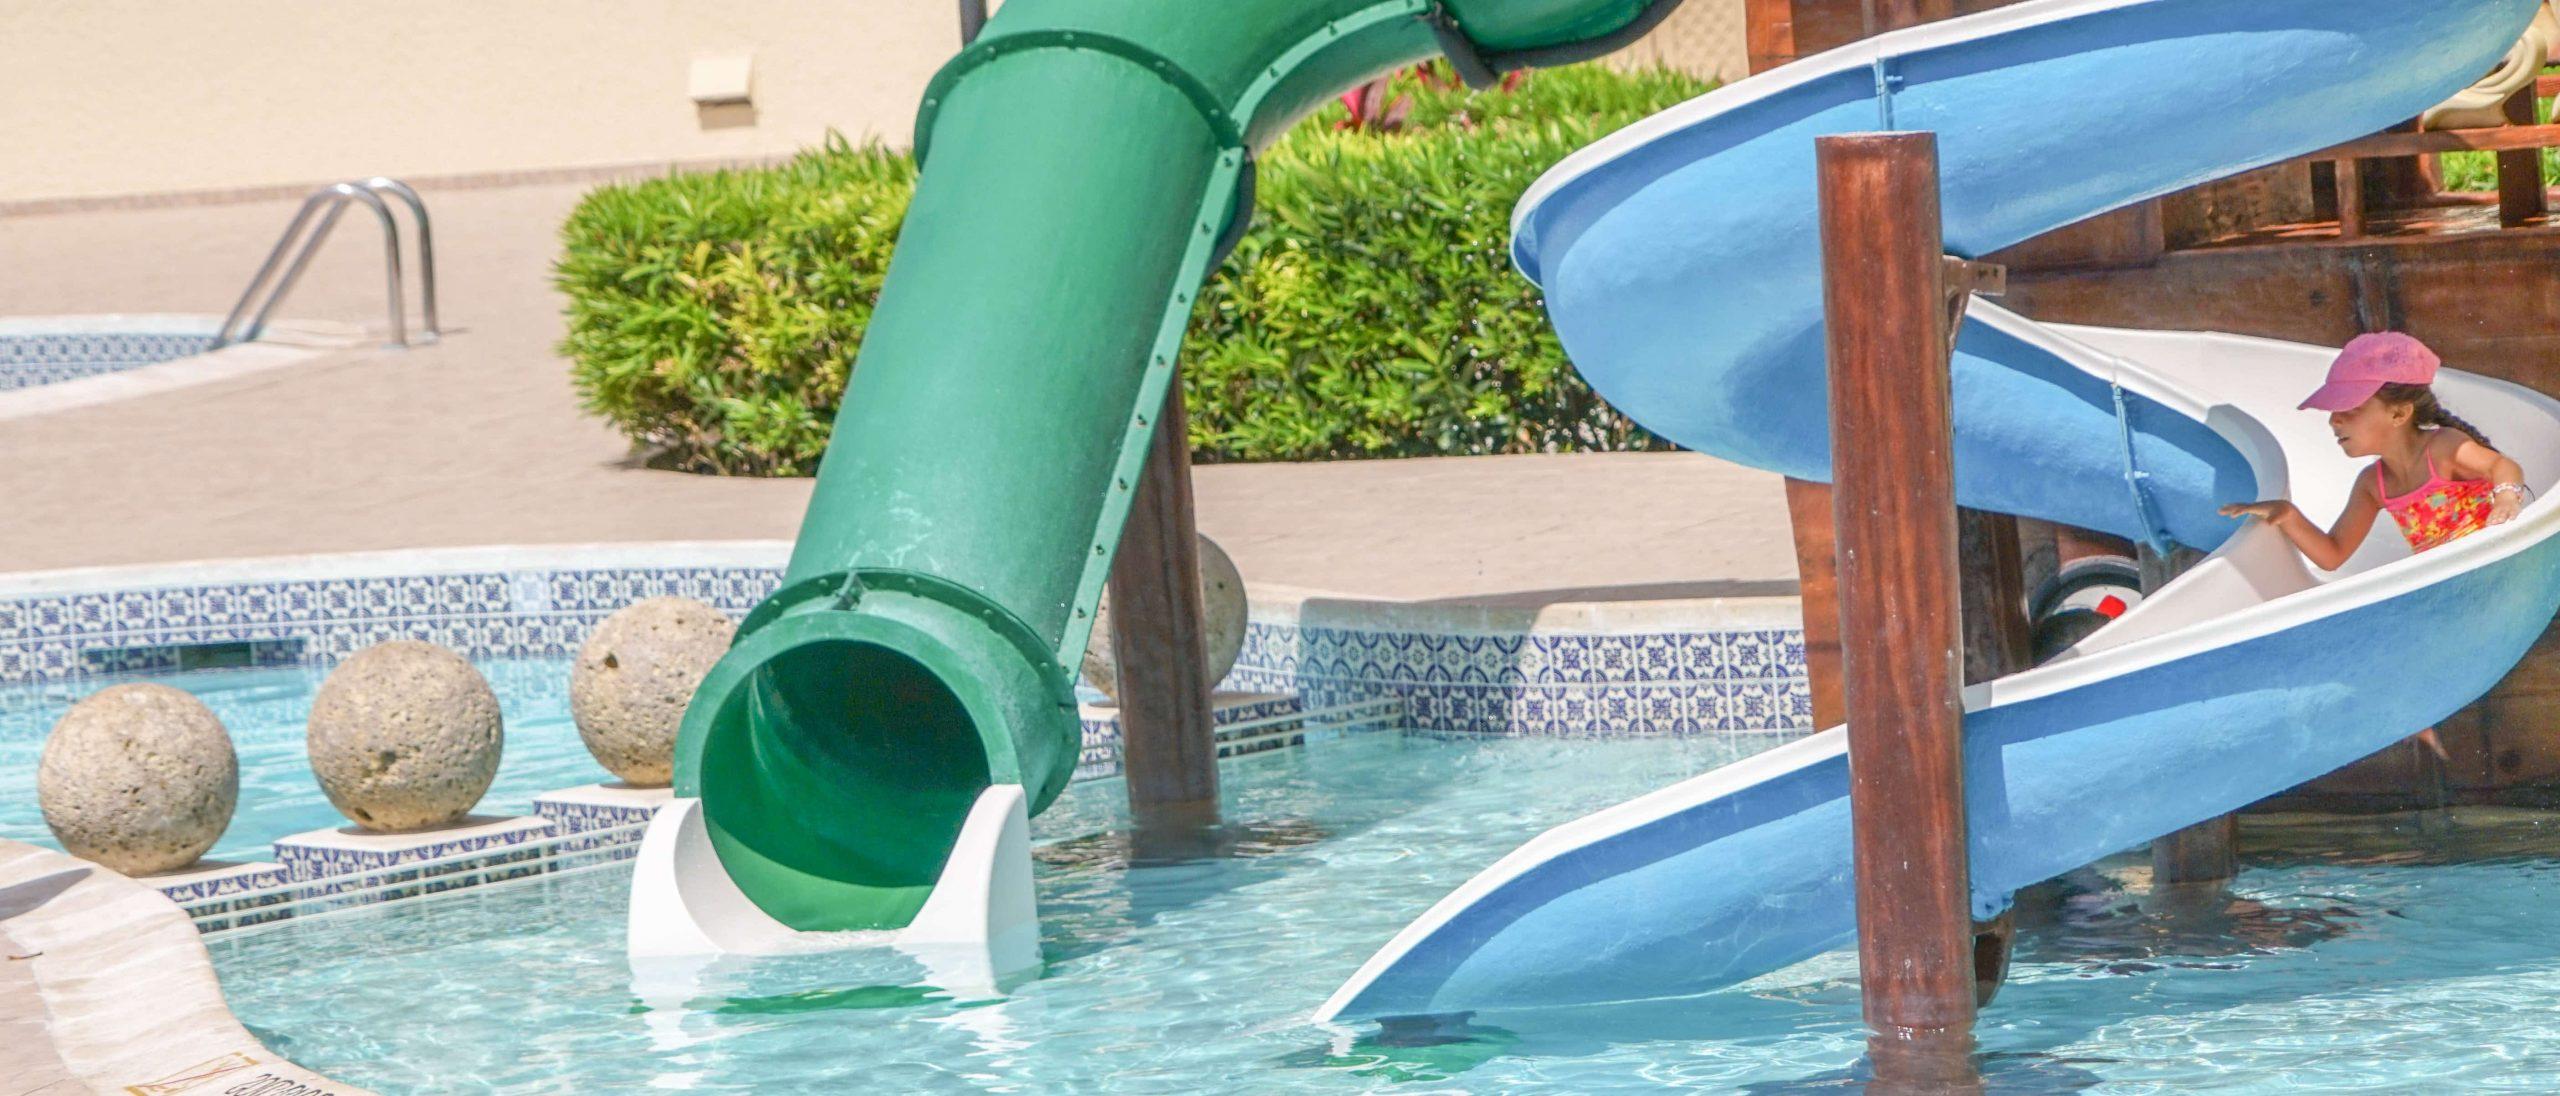 Comment choisir son camping avec parc aquatique dans le Var ?